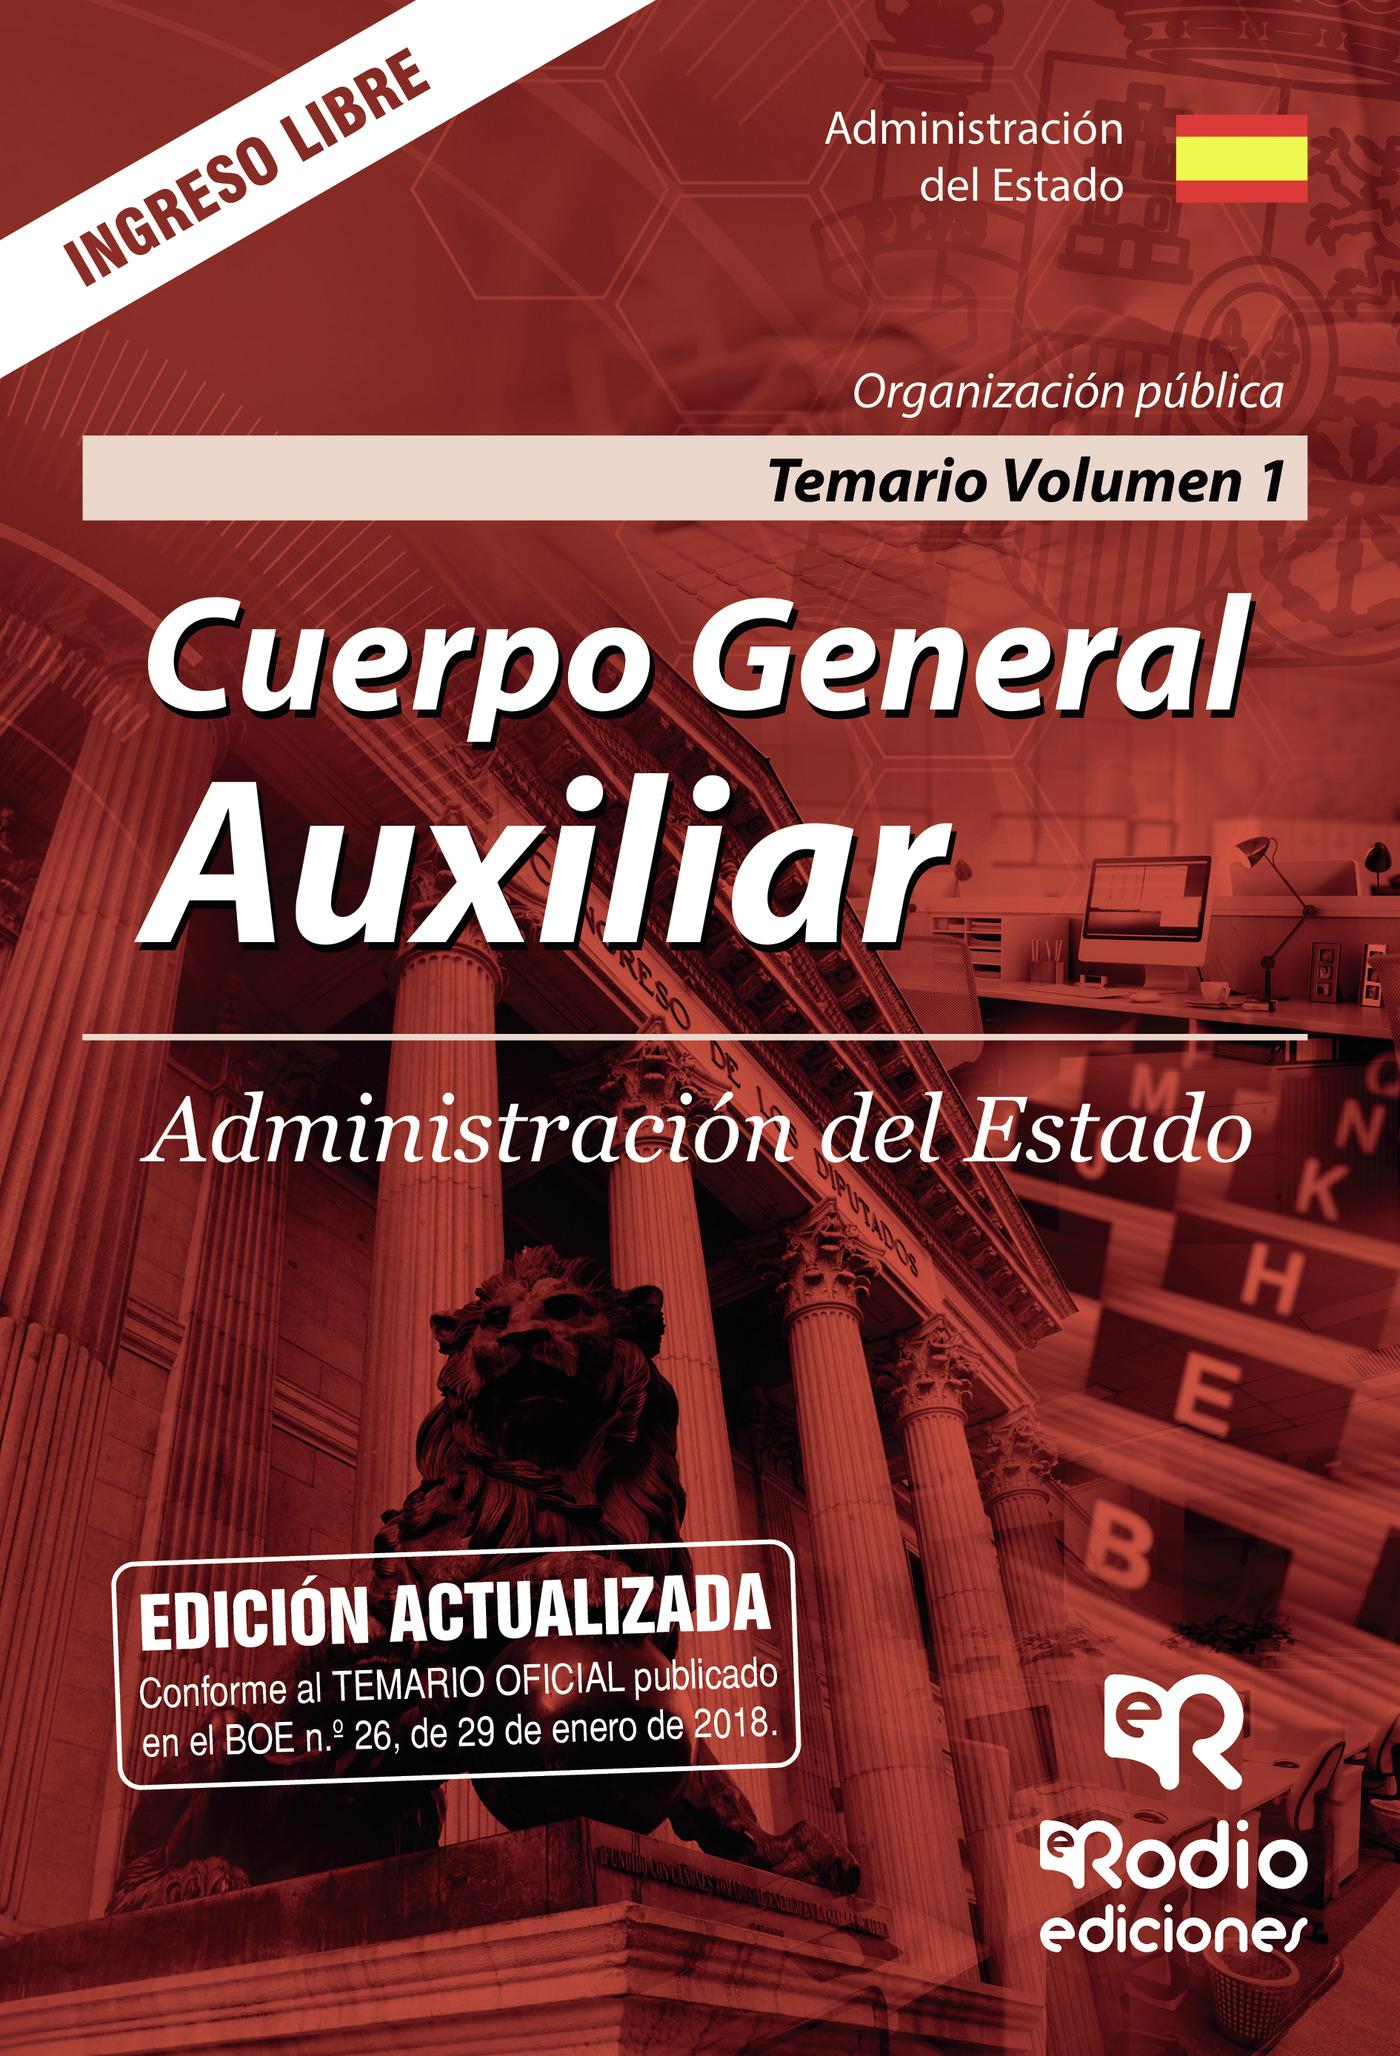 Temario Volumen 1. Organización Pública. Cuerpo General Auxiliar. Administración Del Estado por Vv.aa.